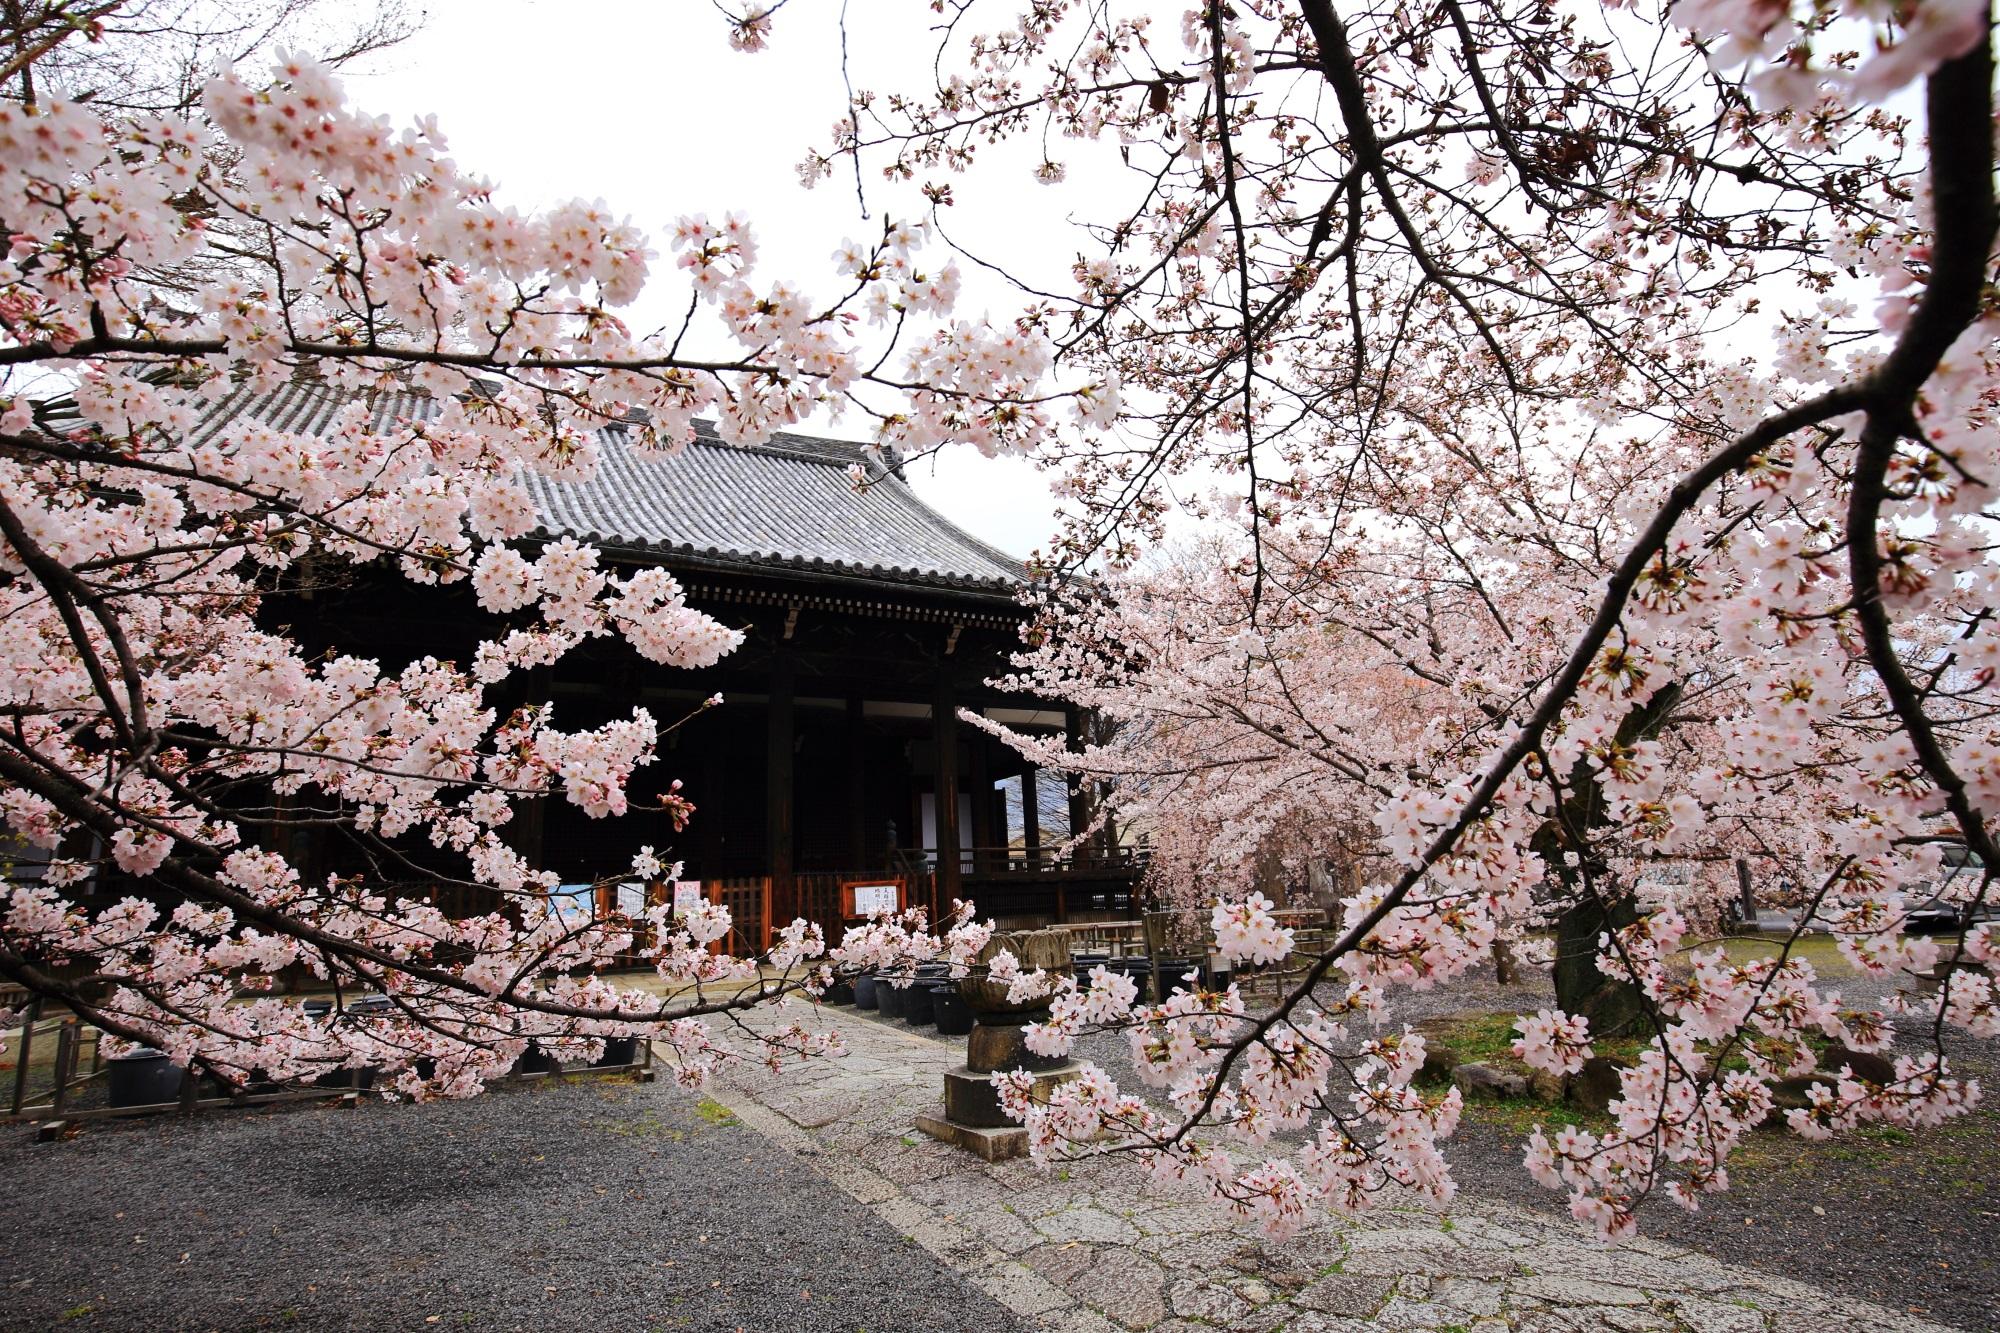 立派な伽藍に良く似合う立派な桜